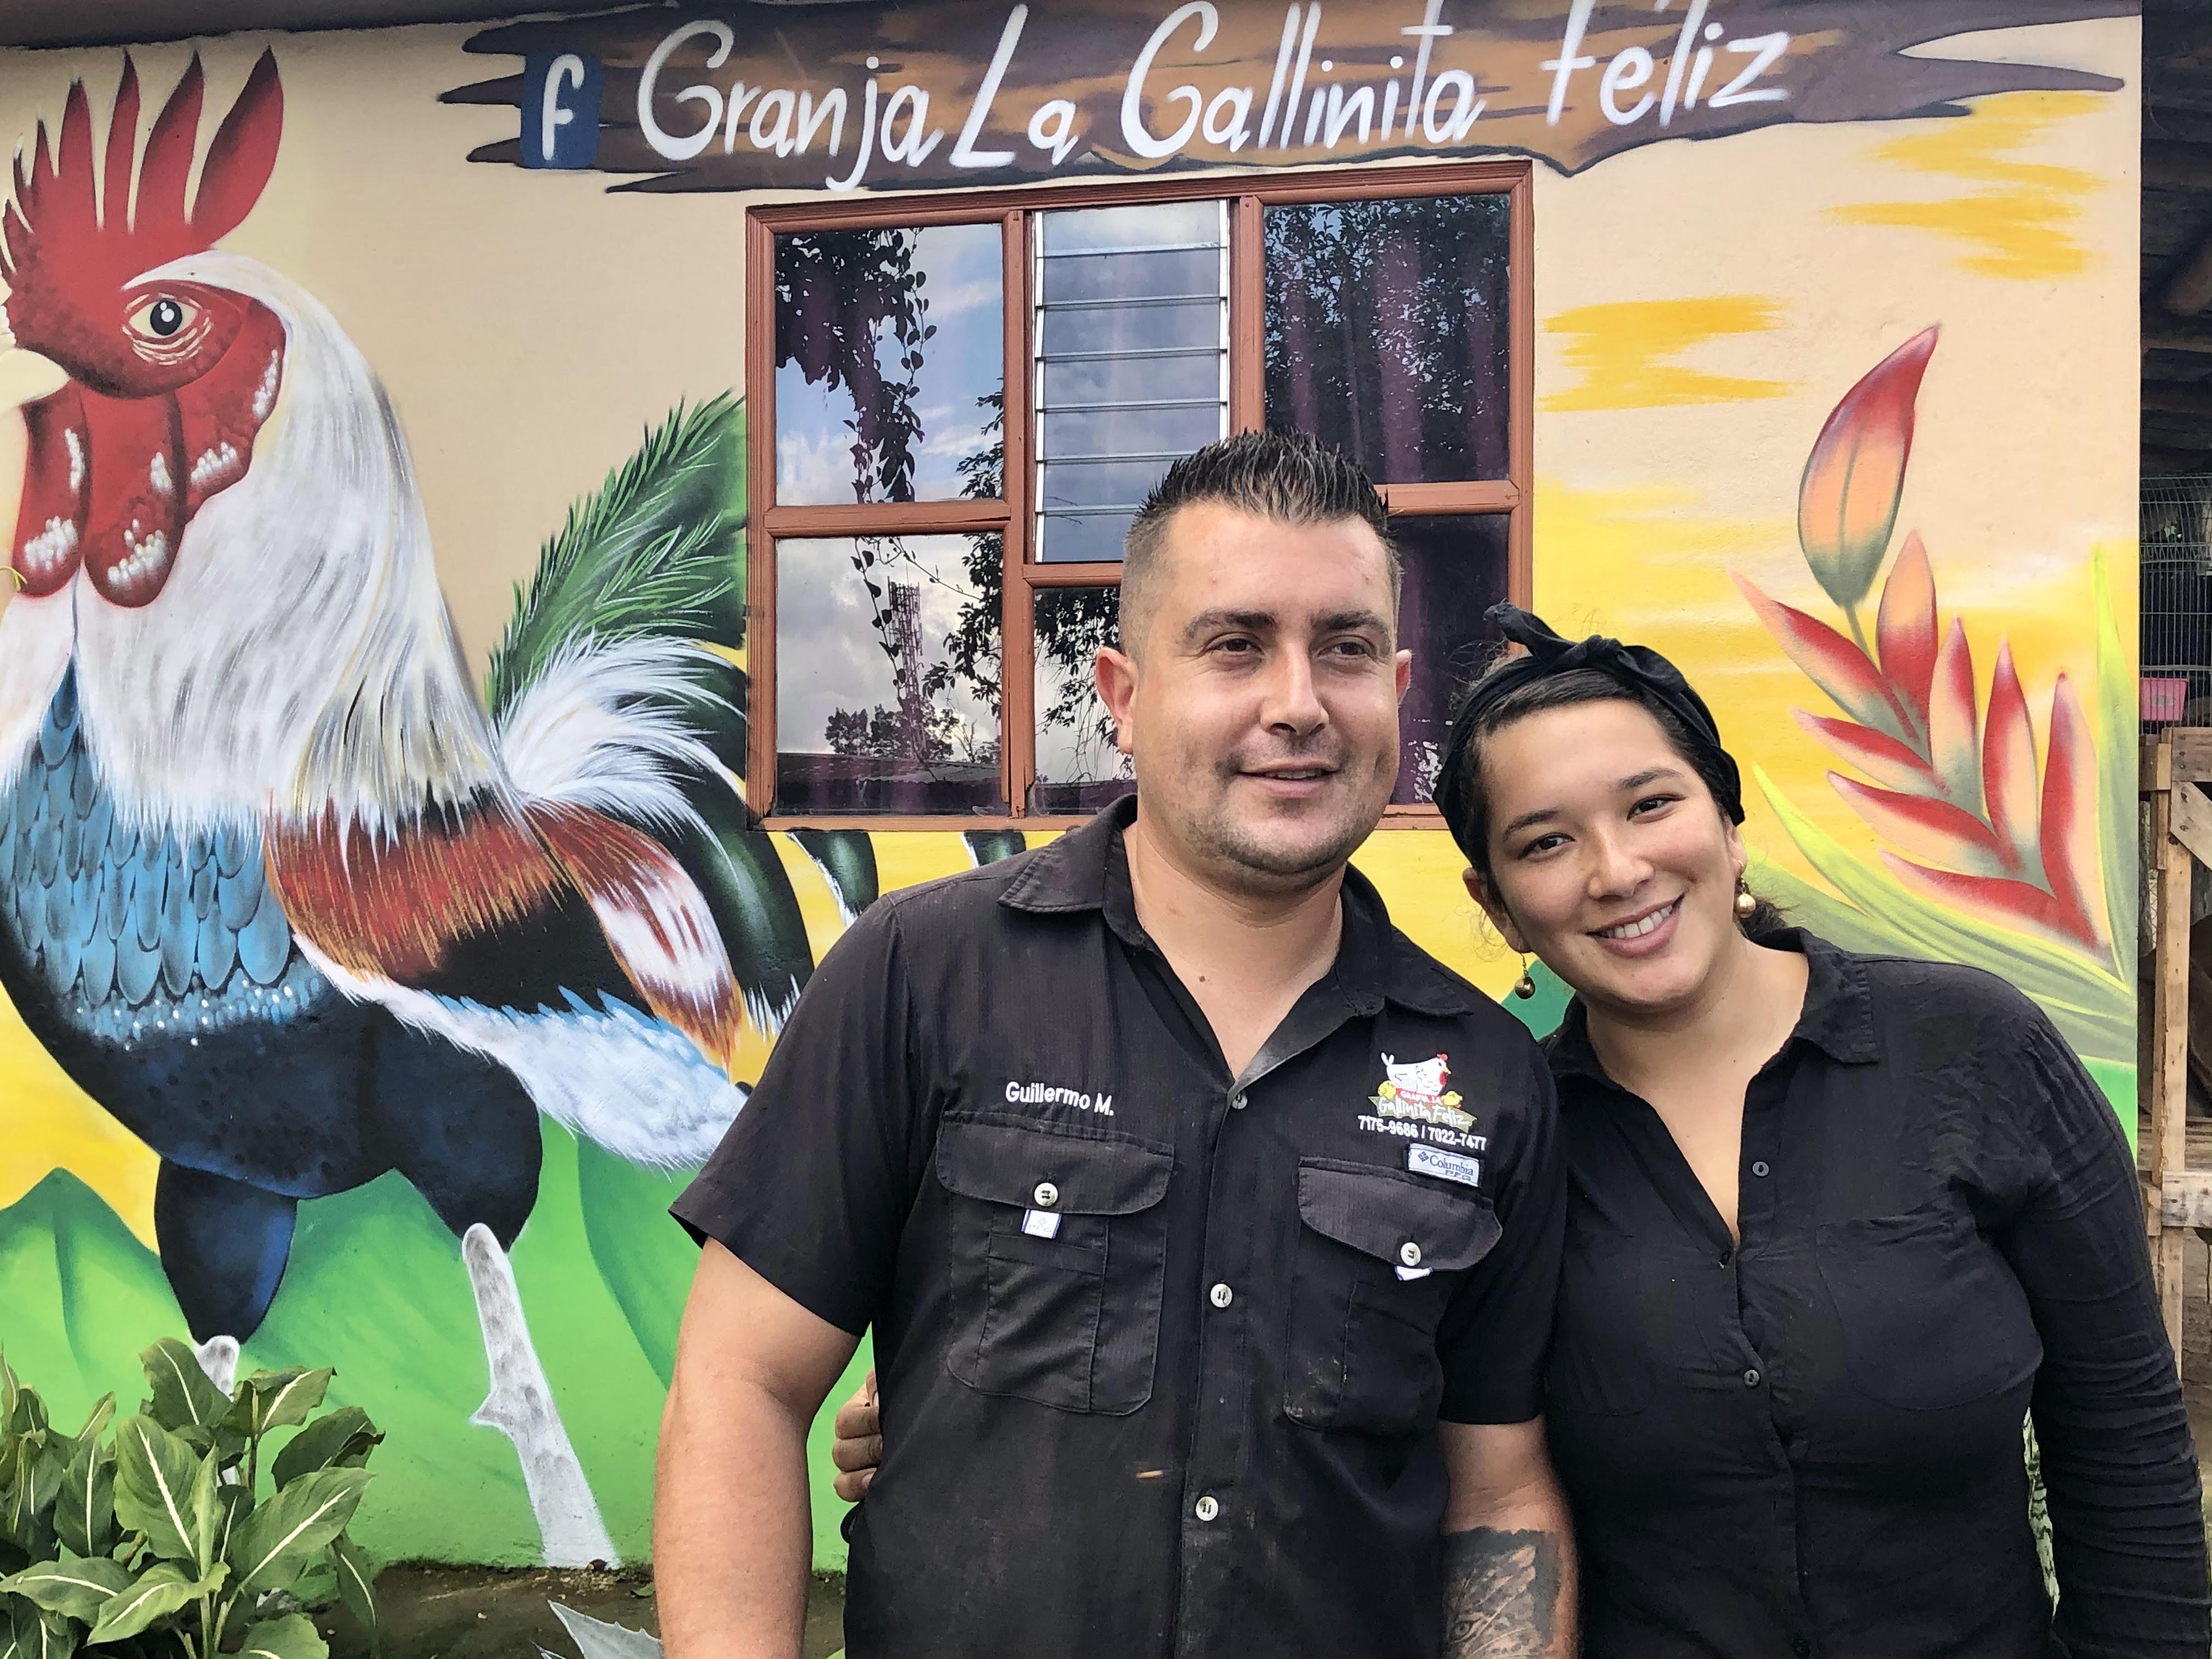 La Galinita Feliz s'est remplumée avec le tourisme et est entre de bonnes mains de bonnes mains avec Guillermo et Fabiola... /crédit JDL